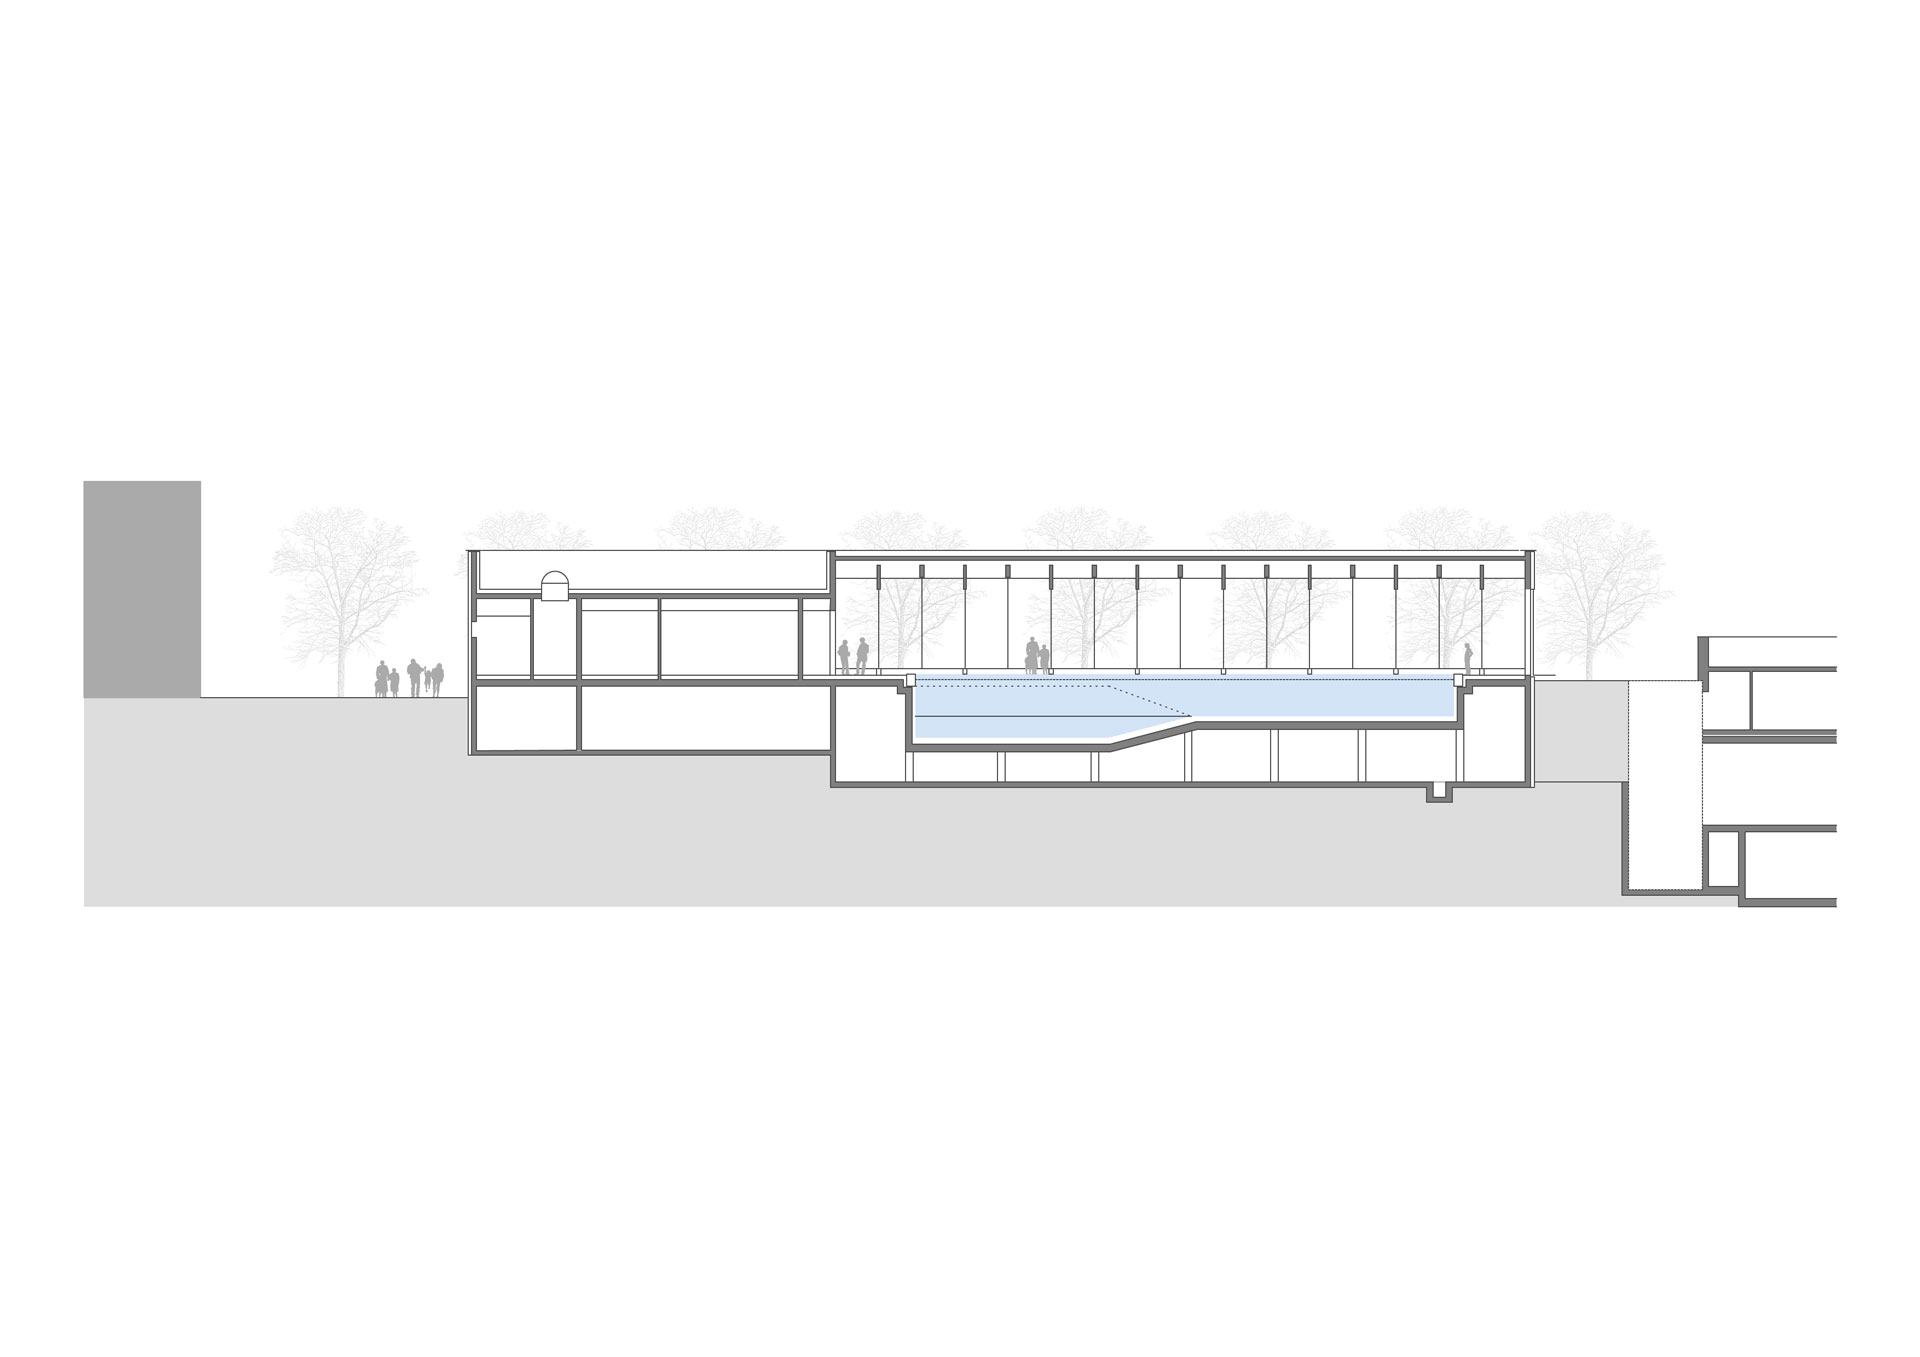 Hallenbad Neubau, Schnitt Schwimmbecken